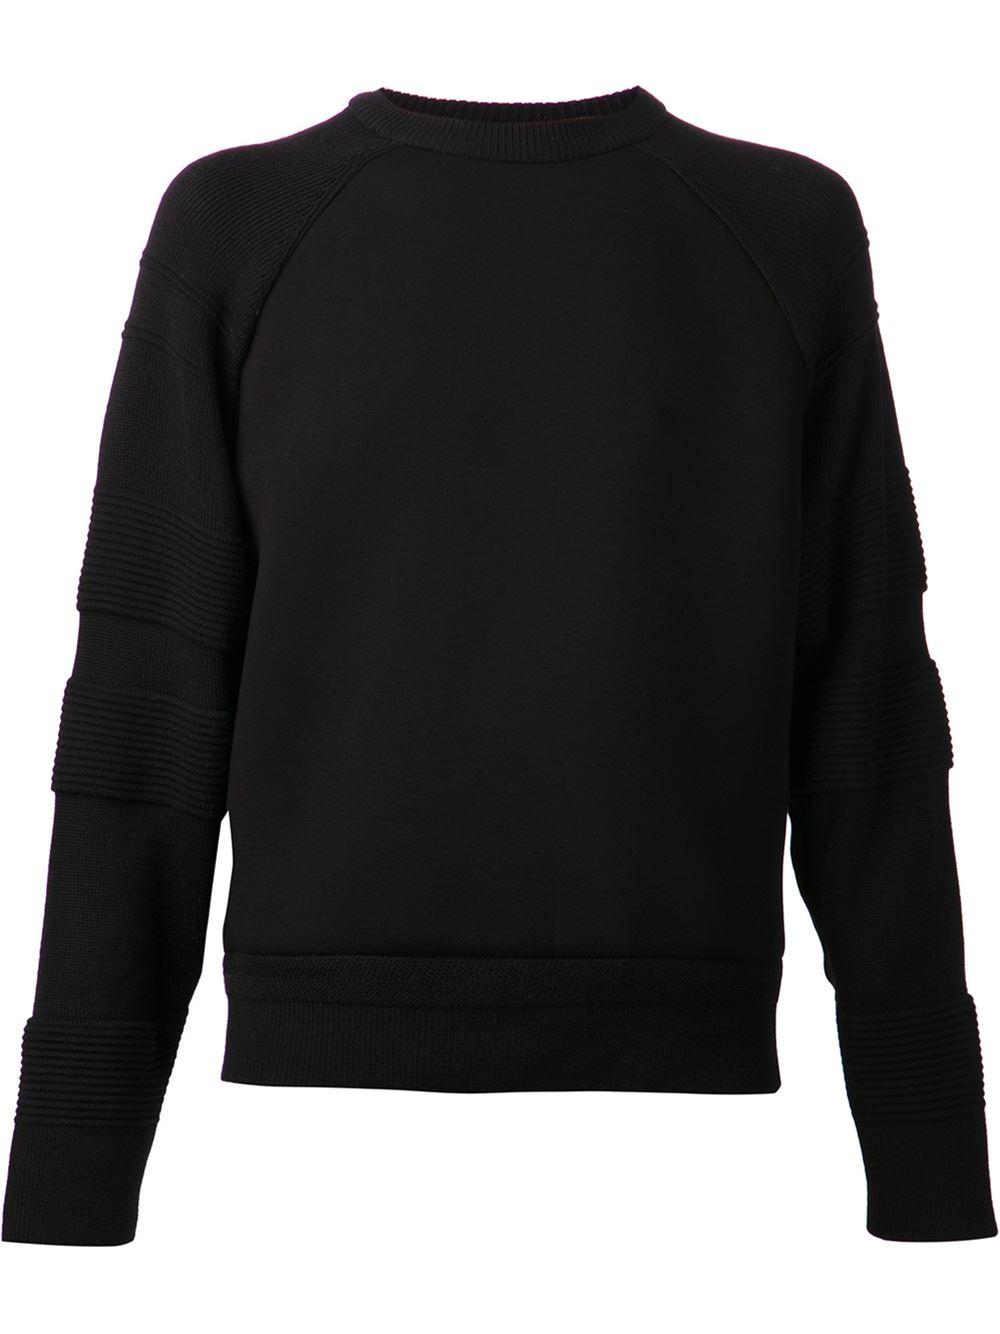 Juun.j Long Sleeve T-Shirt in Black for Men